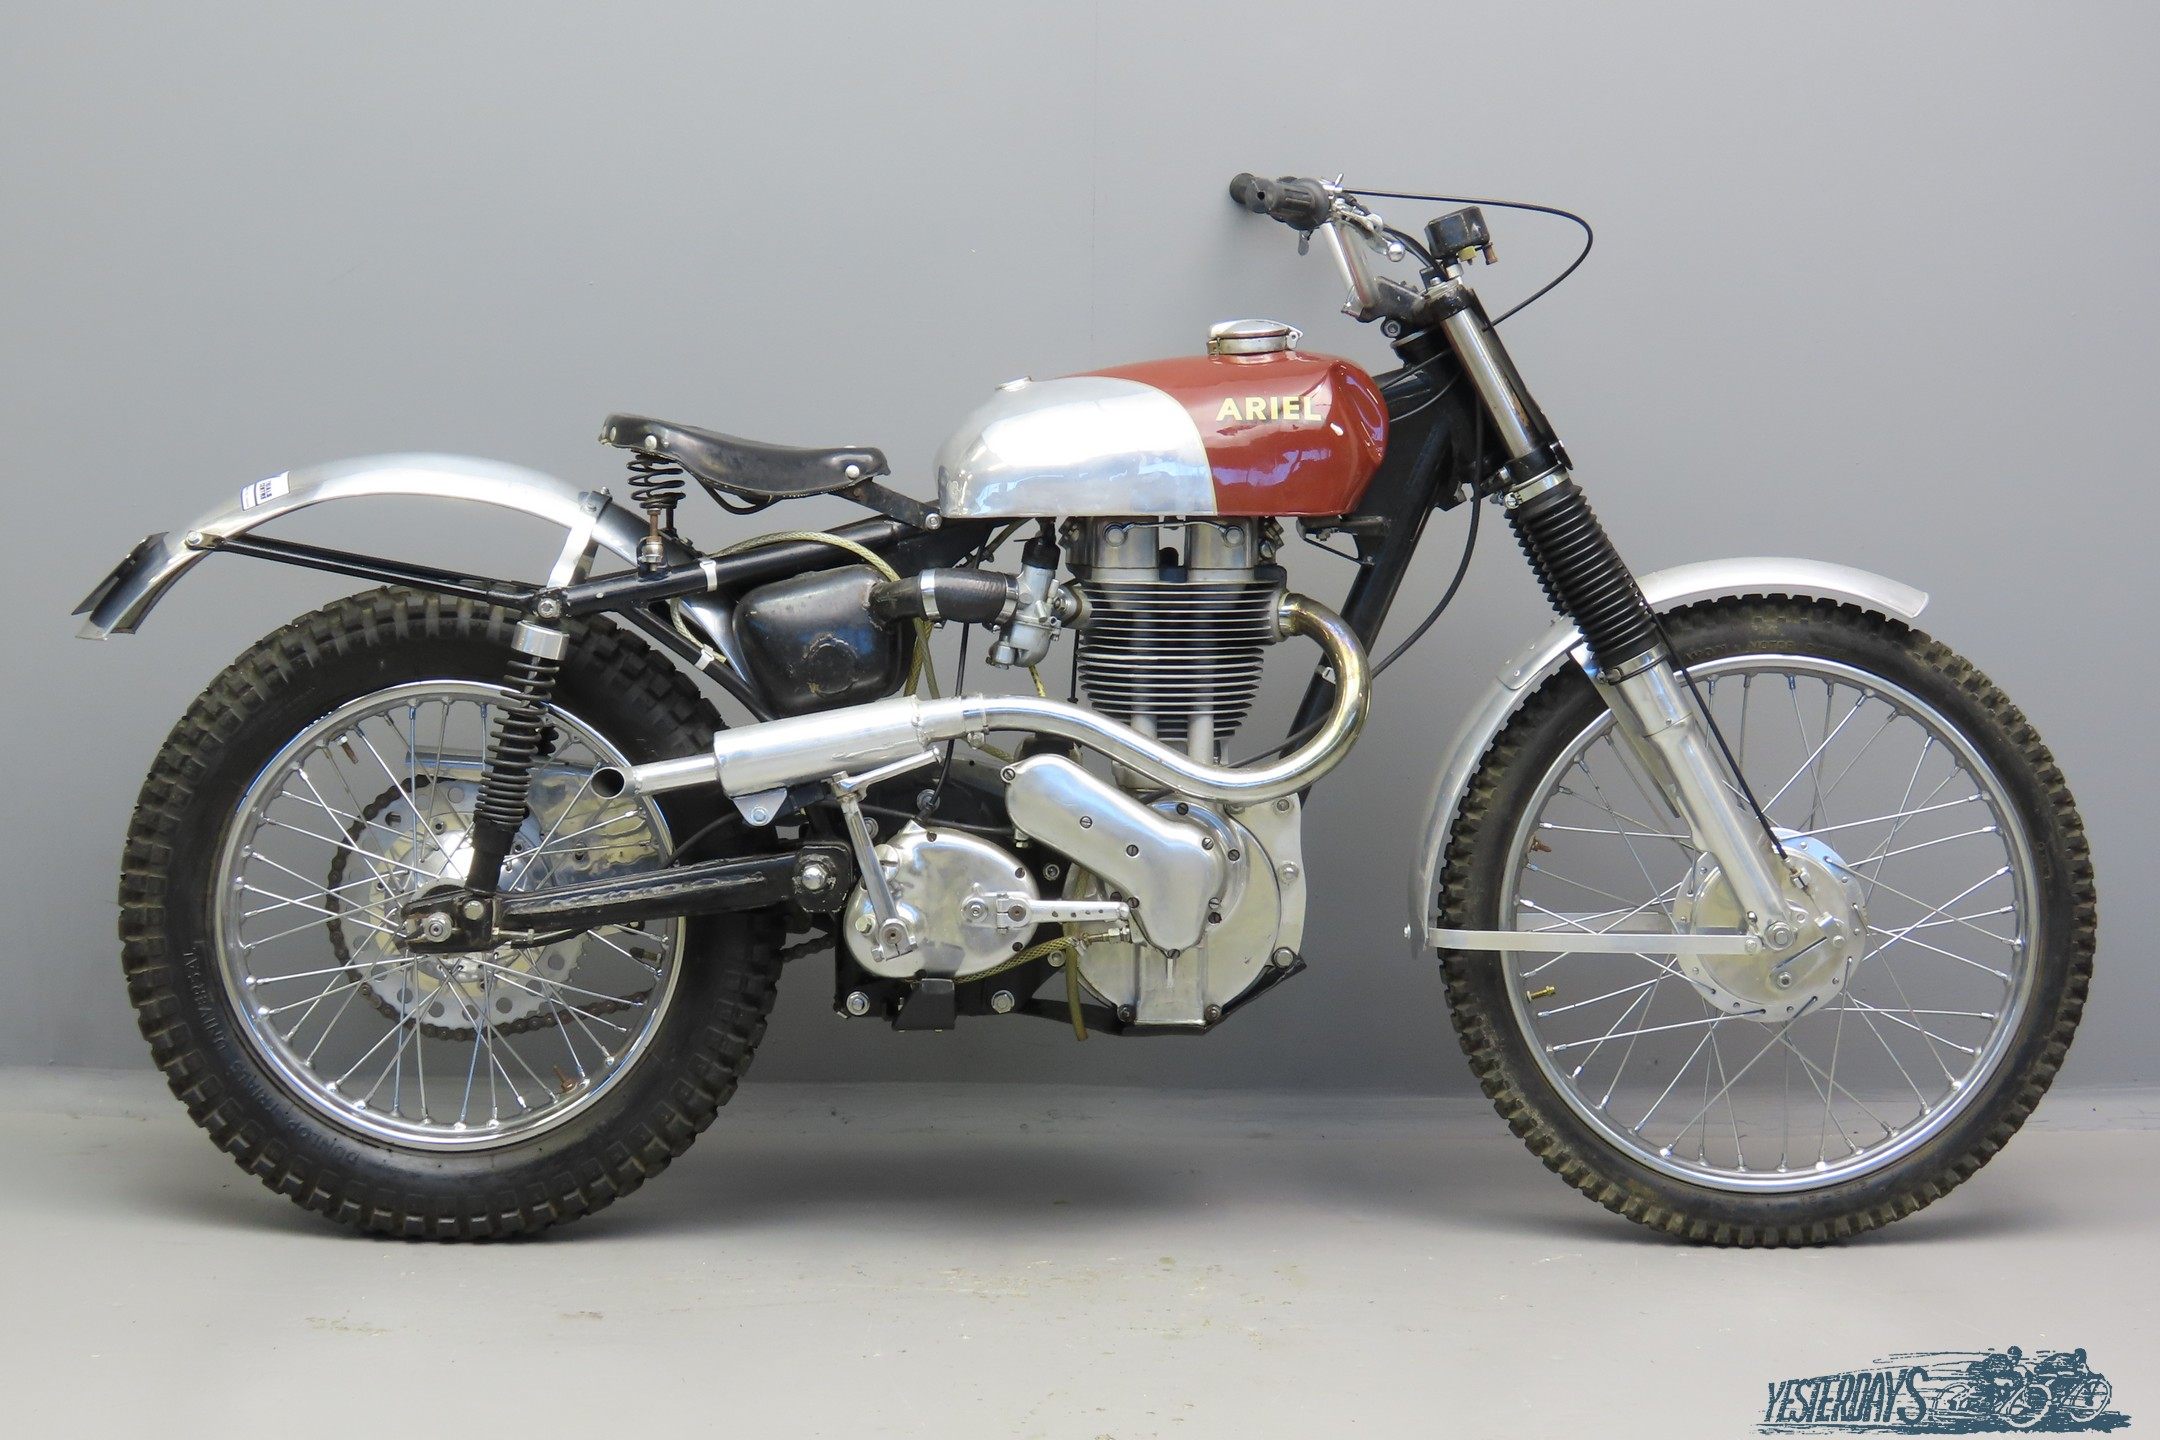 Ariel 1958 Trials 497cc 1 cyl ohv  3009